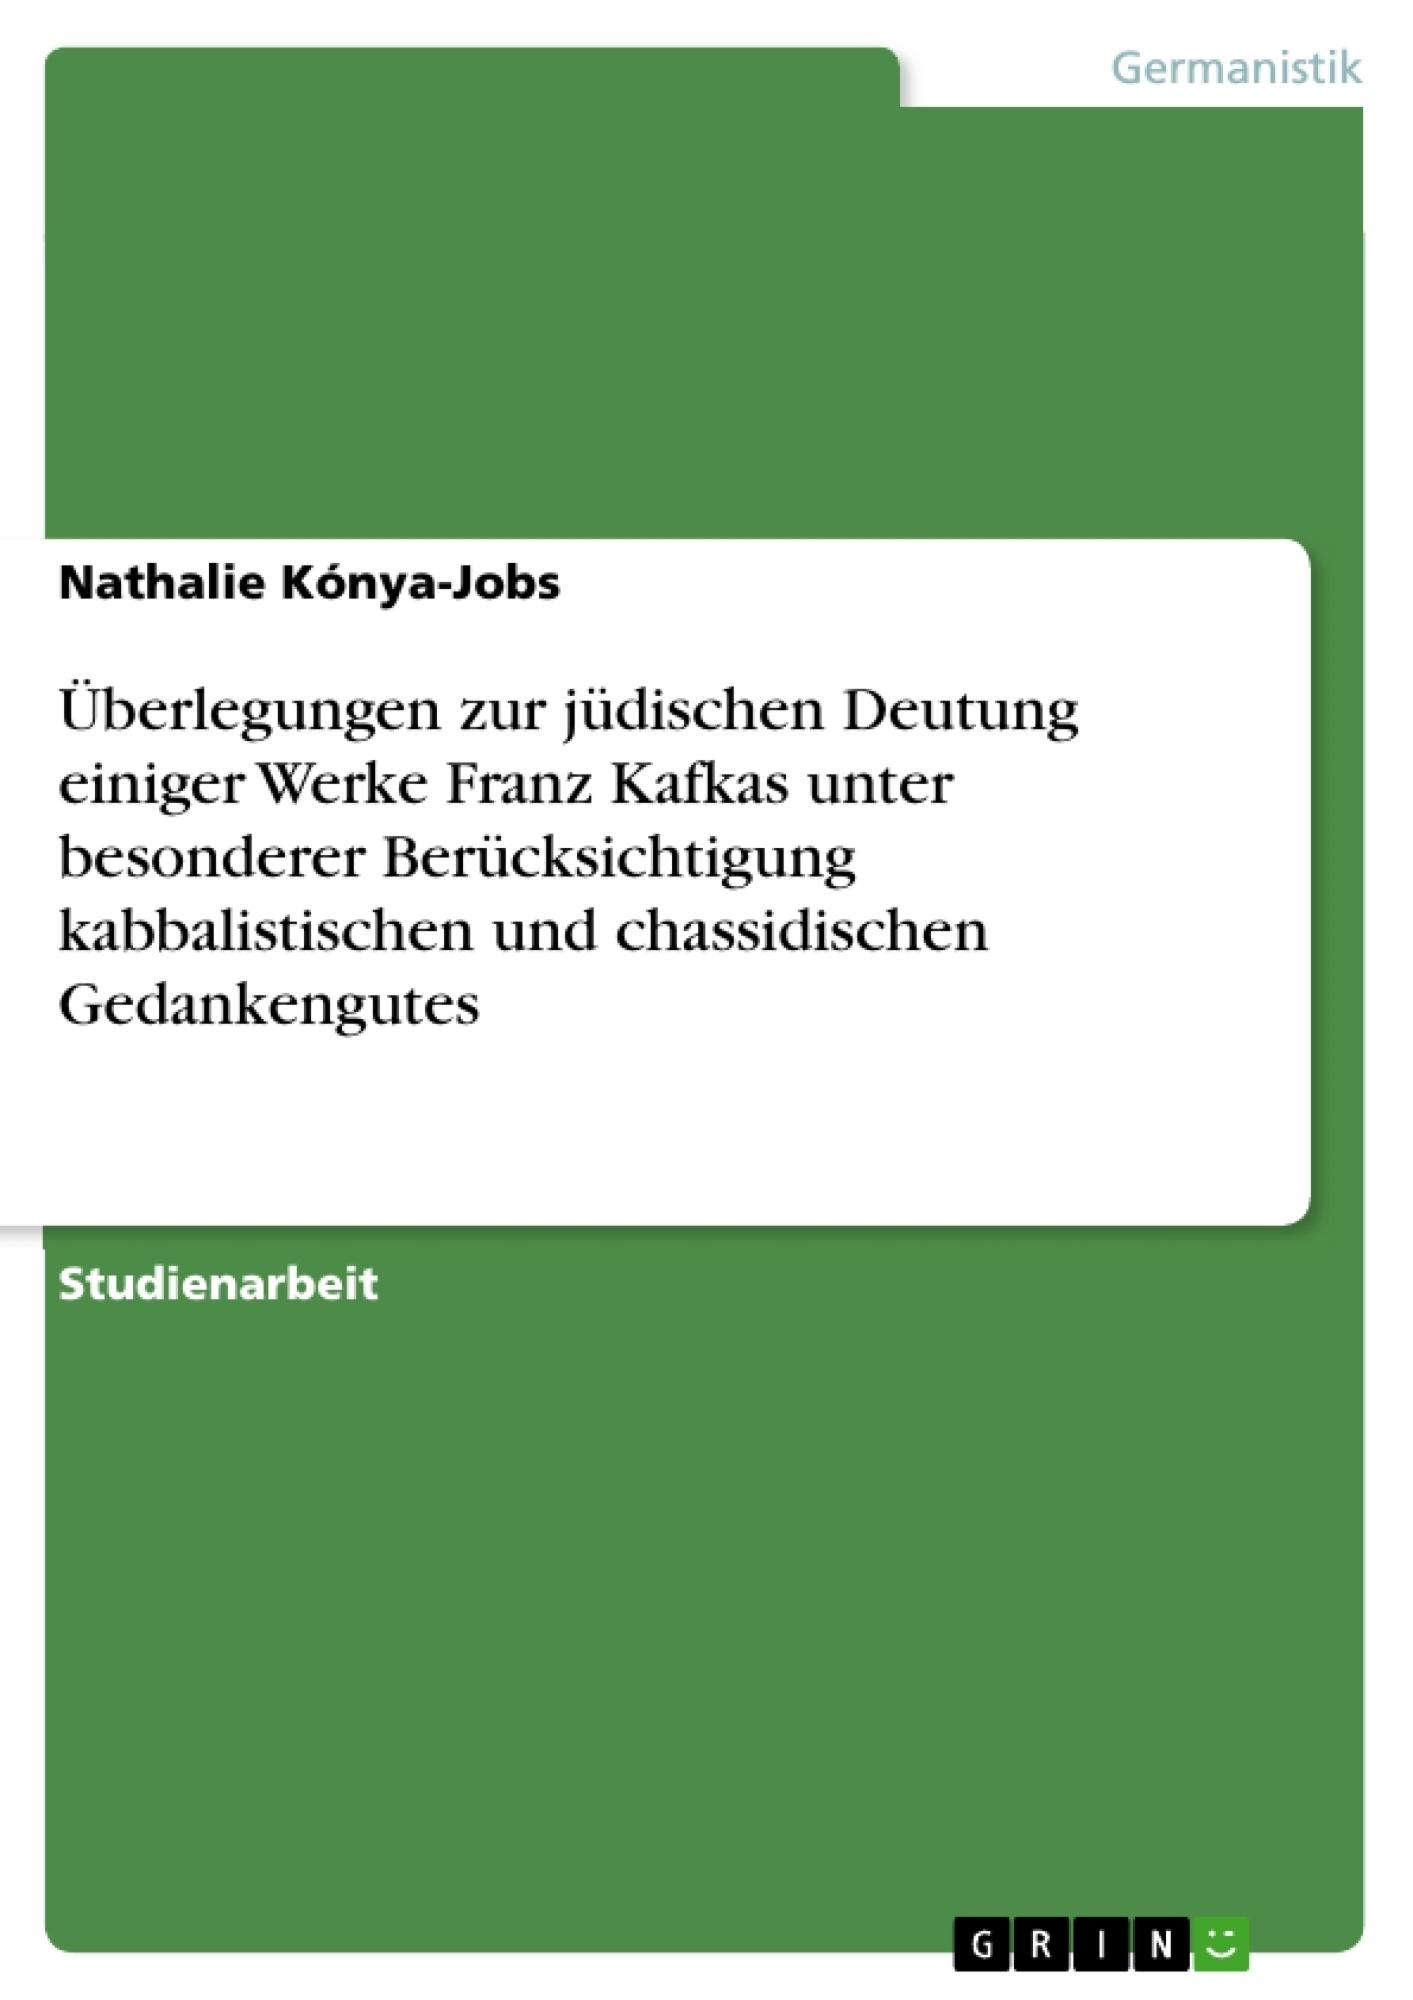 Titel: Überlegungen zur jüdischen Deutung einiger Werke Franz Kafkas unter besonderer Berücksichtigung kabbalistischen und chassidischen Gedankengutes